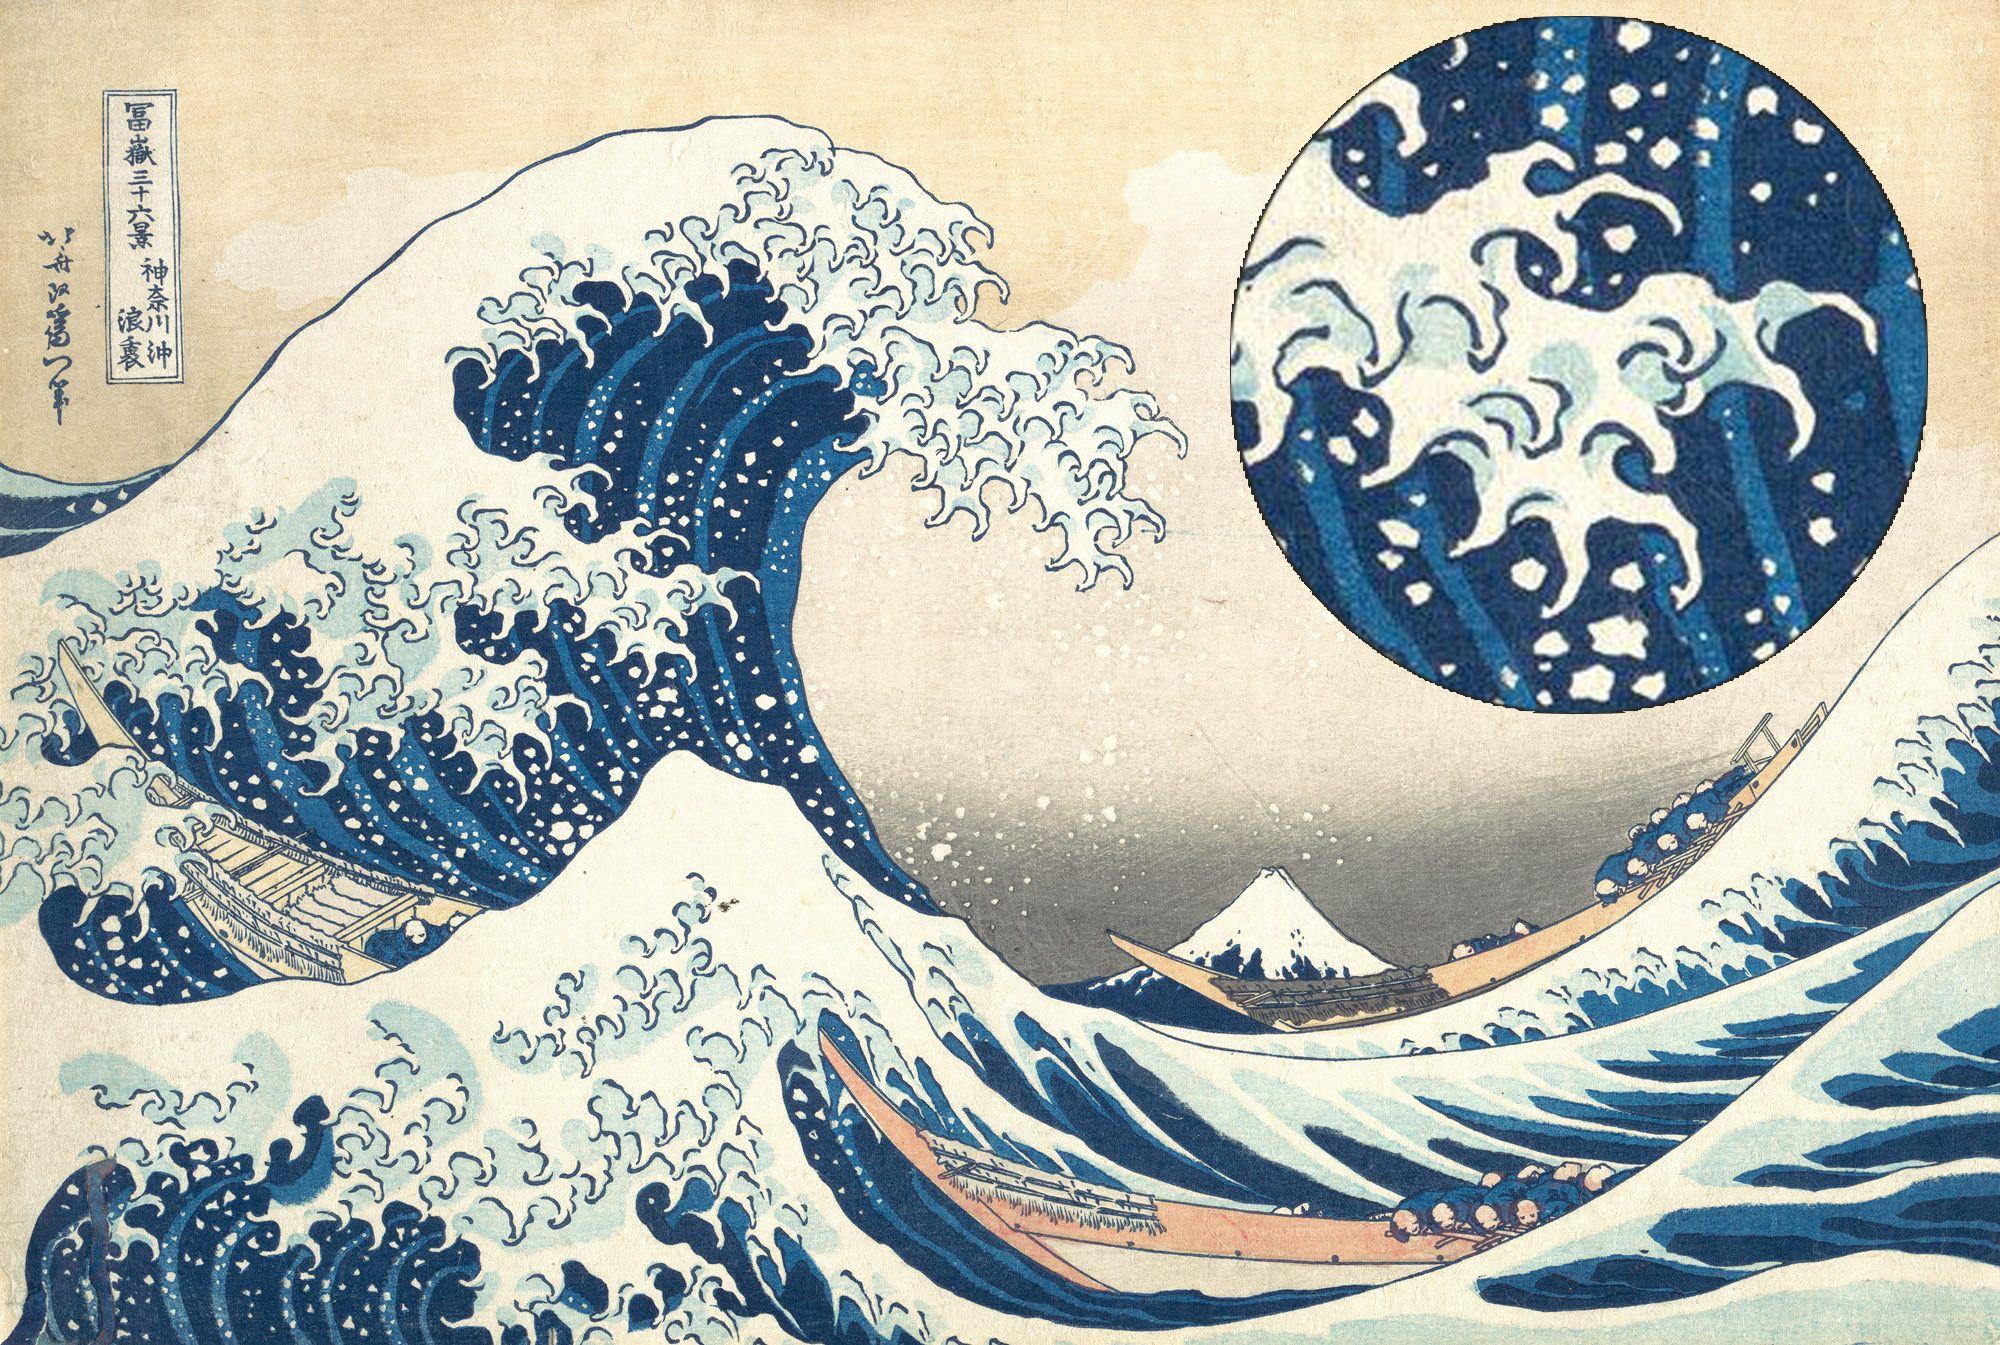 hokusai katsushika, great wave, kanagawa